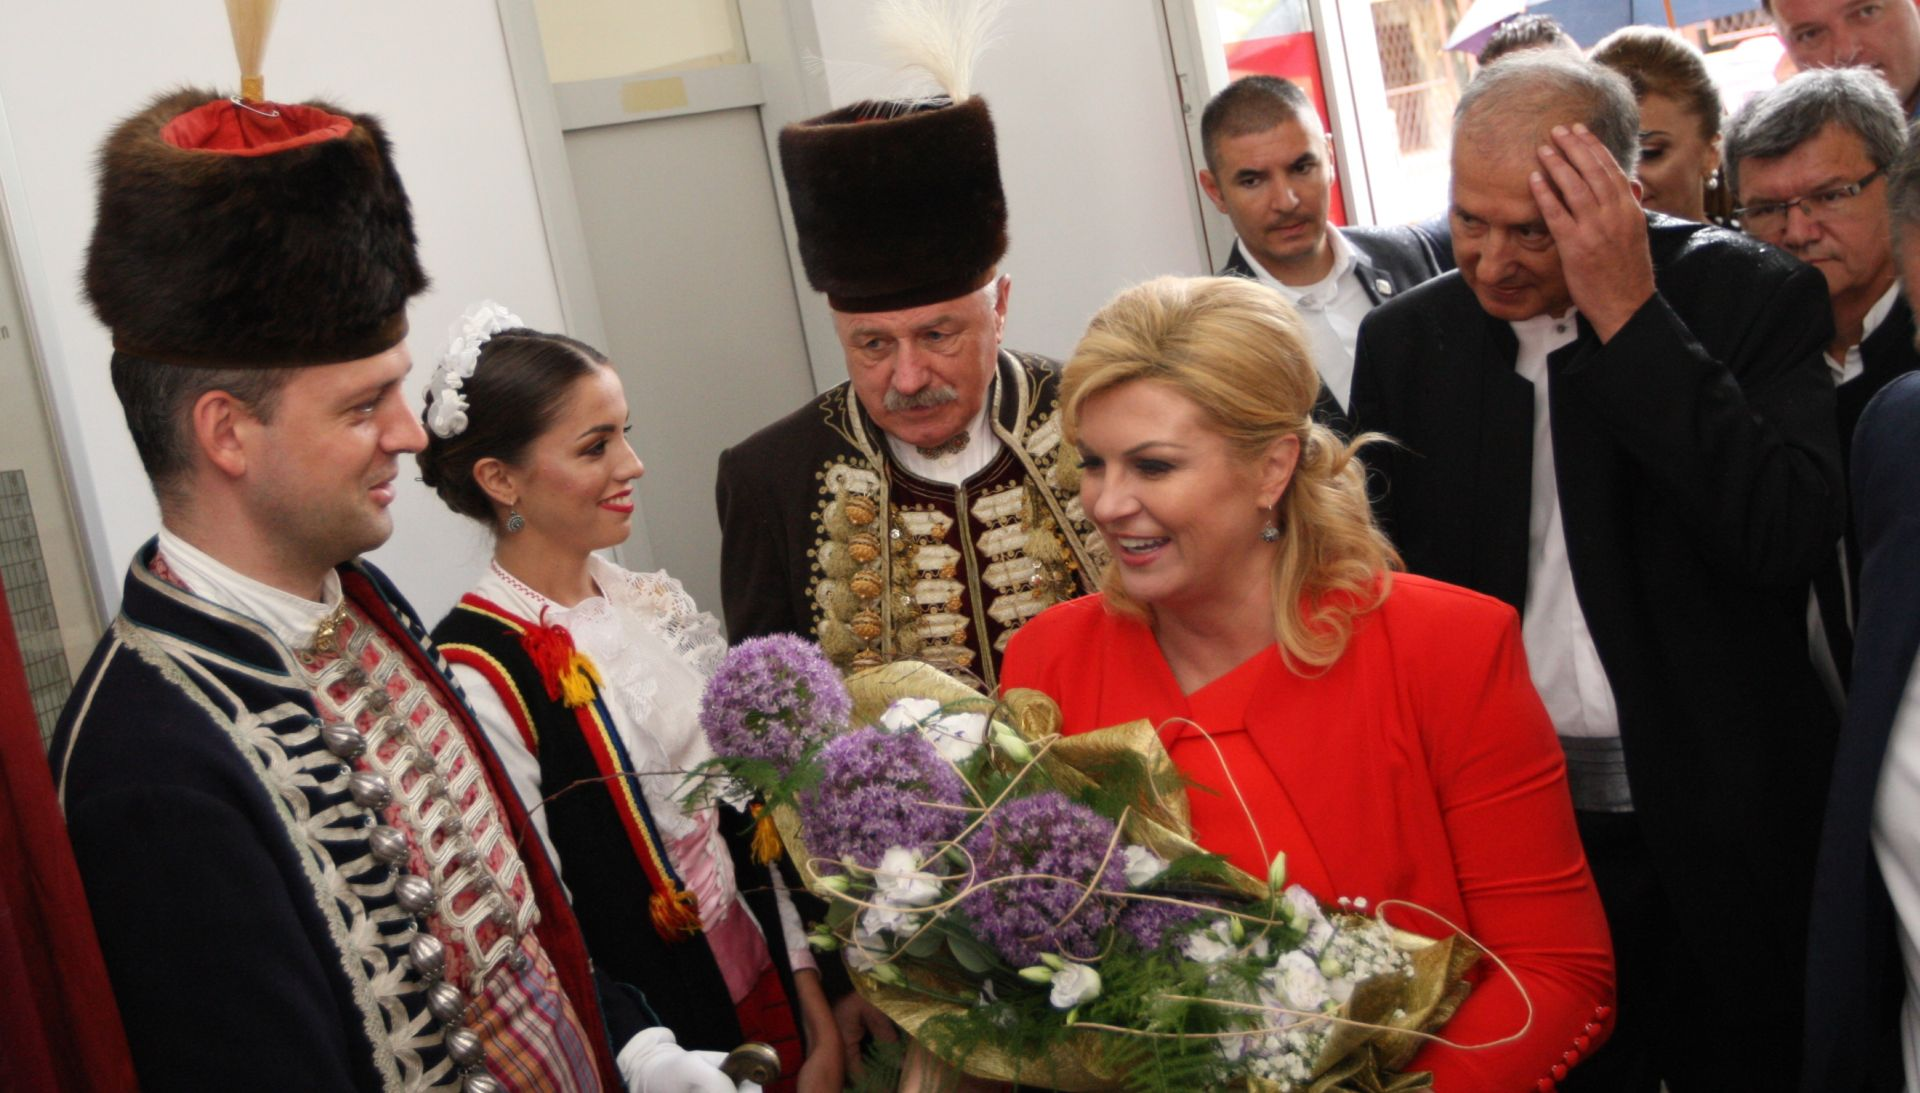 FOTO: DRŽAVNI VRH U SINJU Predsjednica dočekana pljeskom i cvijećem